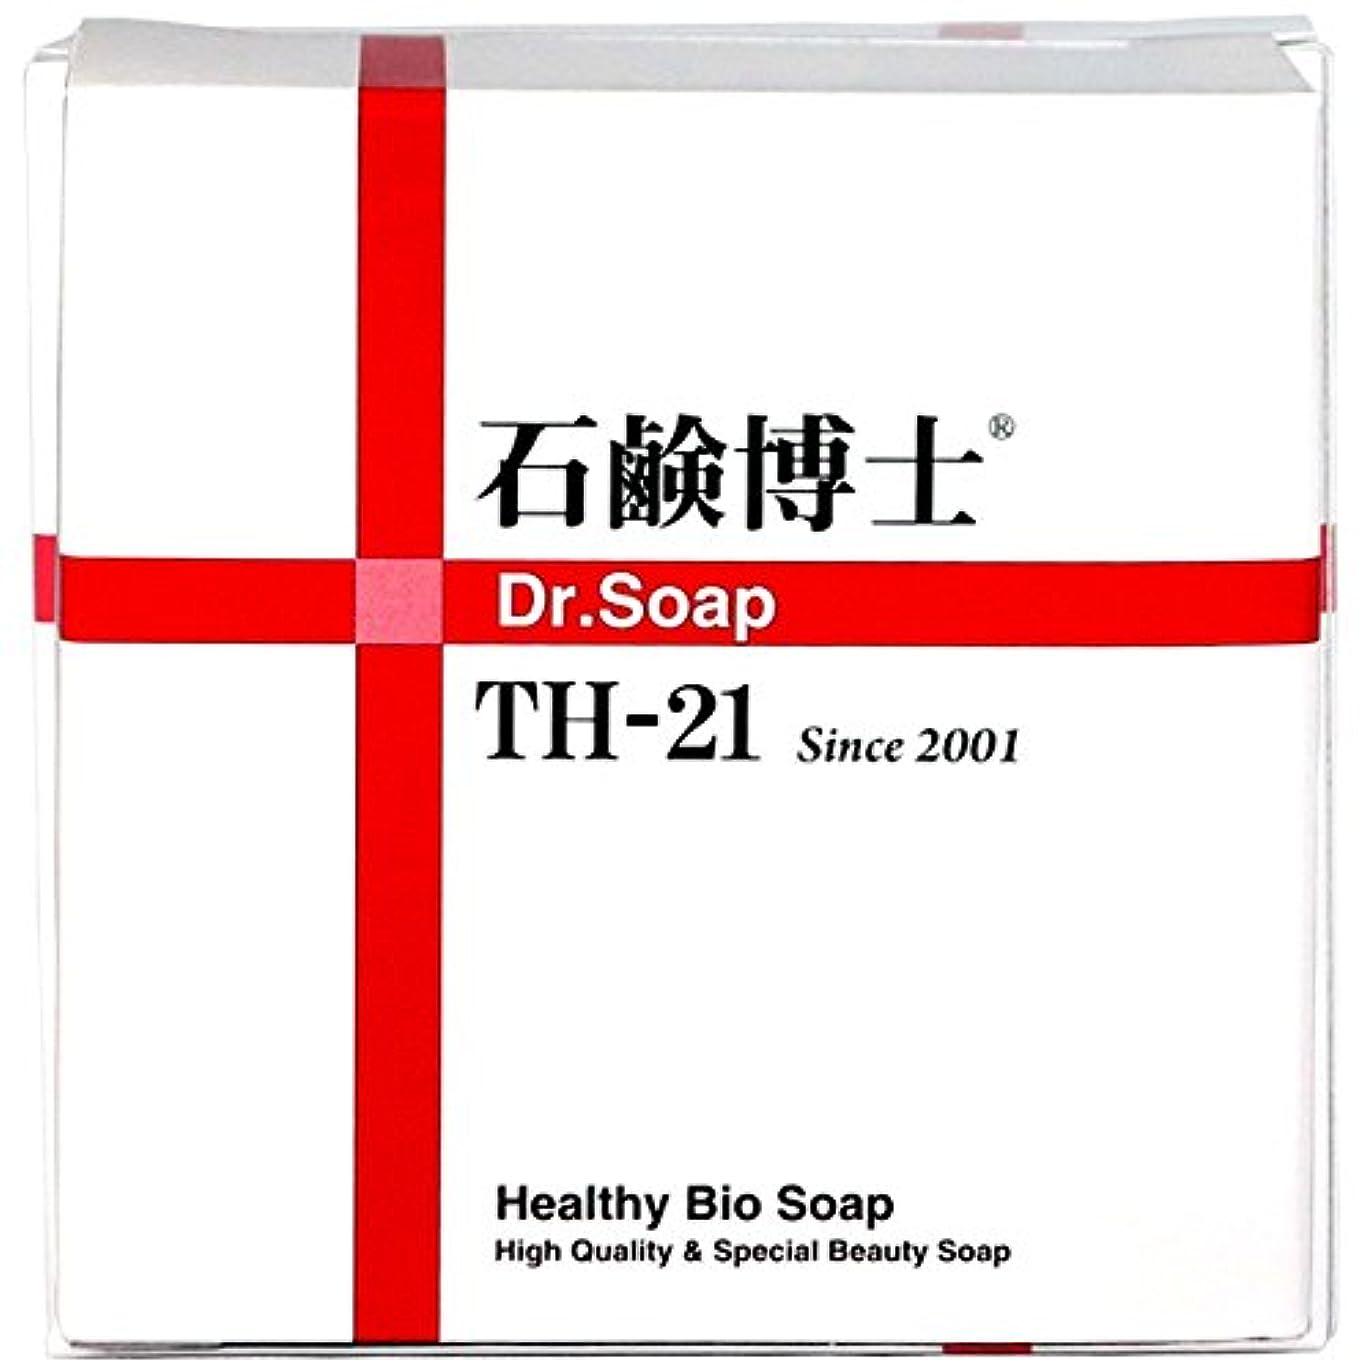 細心の下着遺体安置所ミネラルと分解酵素で洗顔しながらスキンケア 石鹸博士 DRソープ石鹸 Dr.Soap TH-21 100g